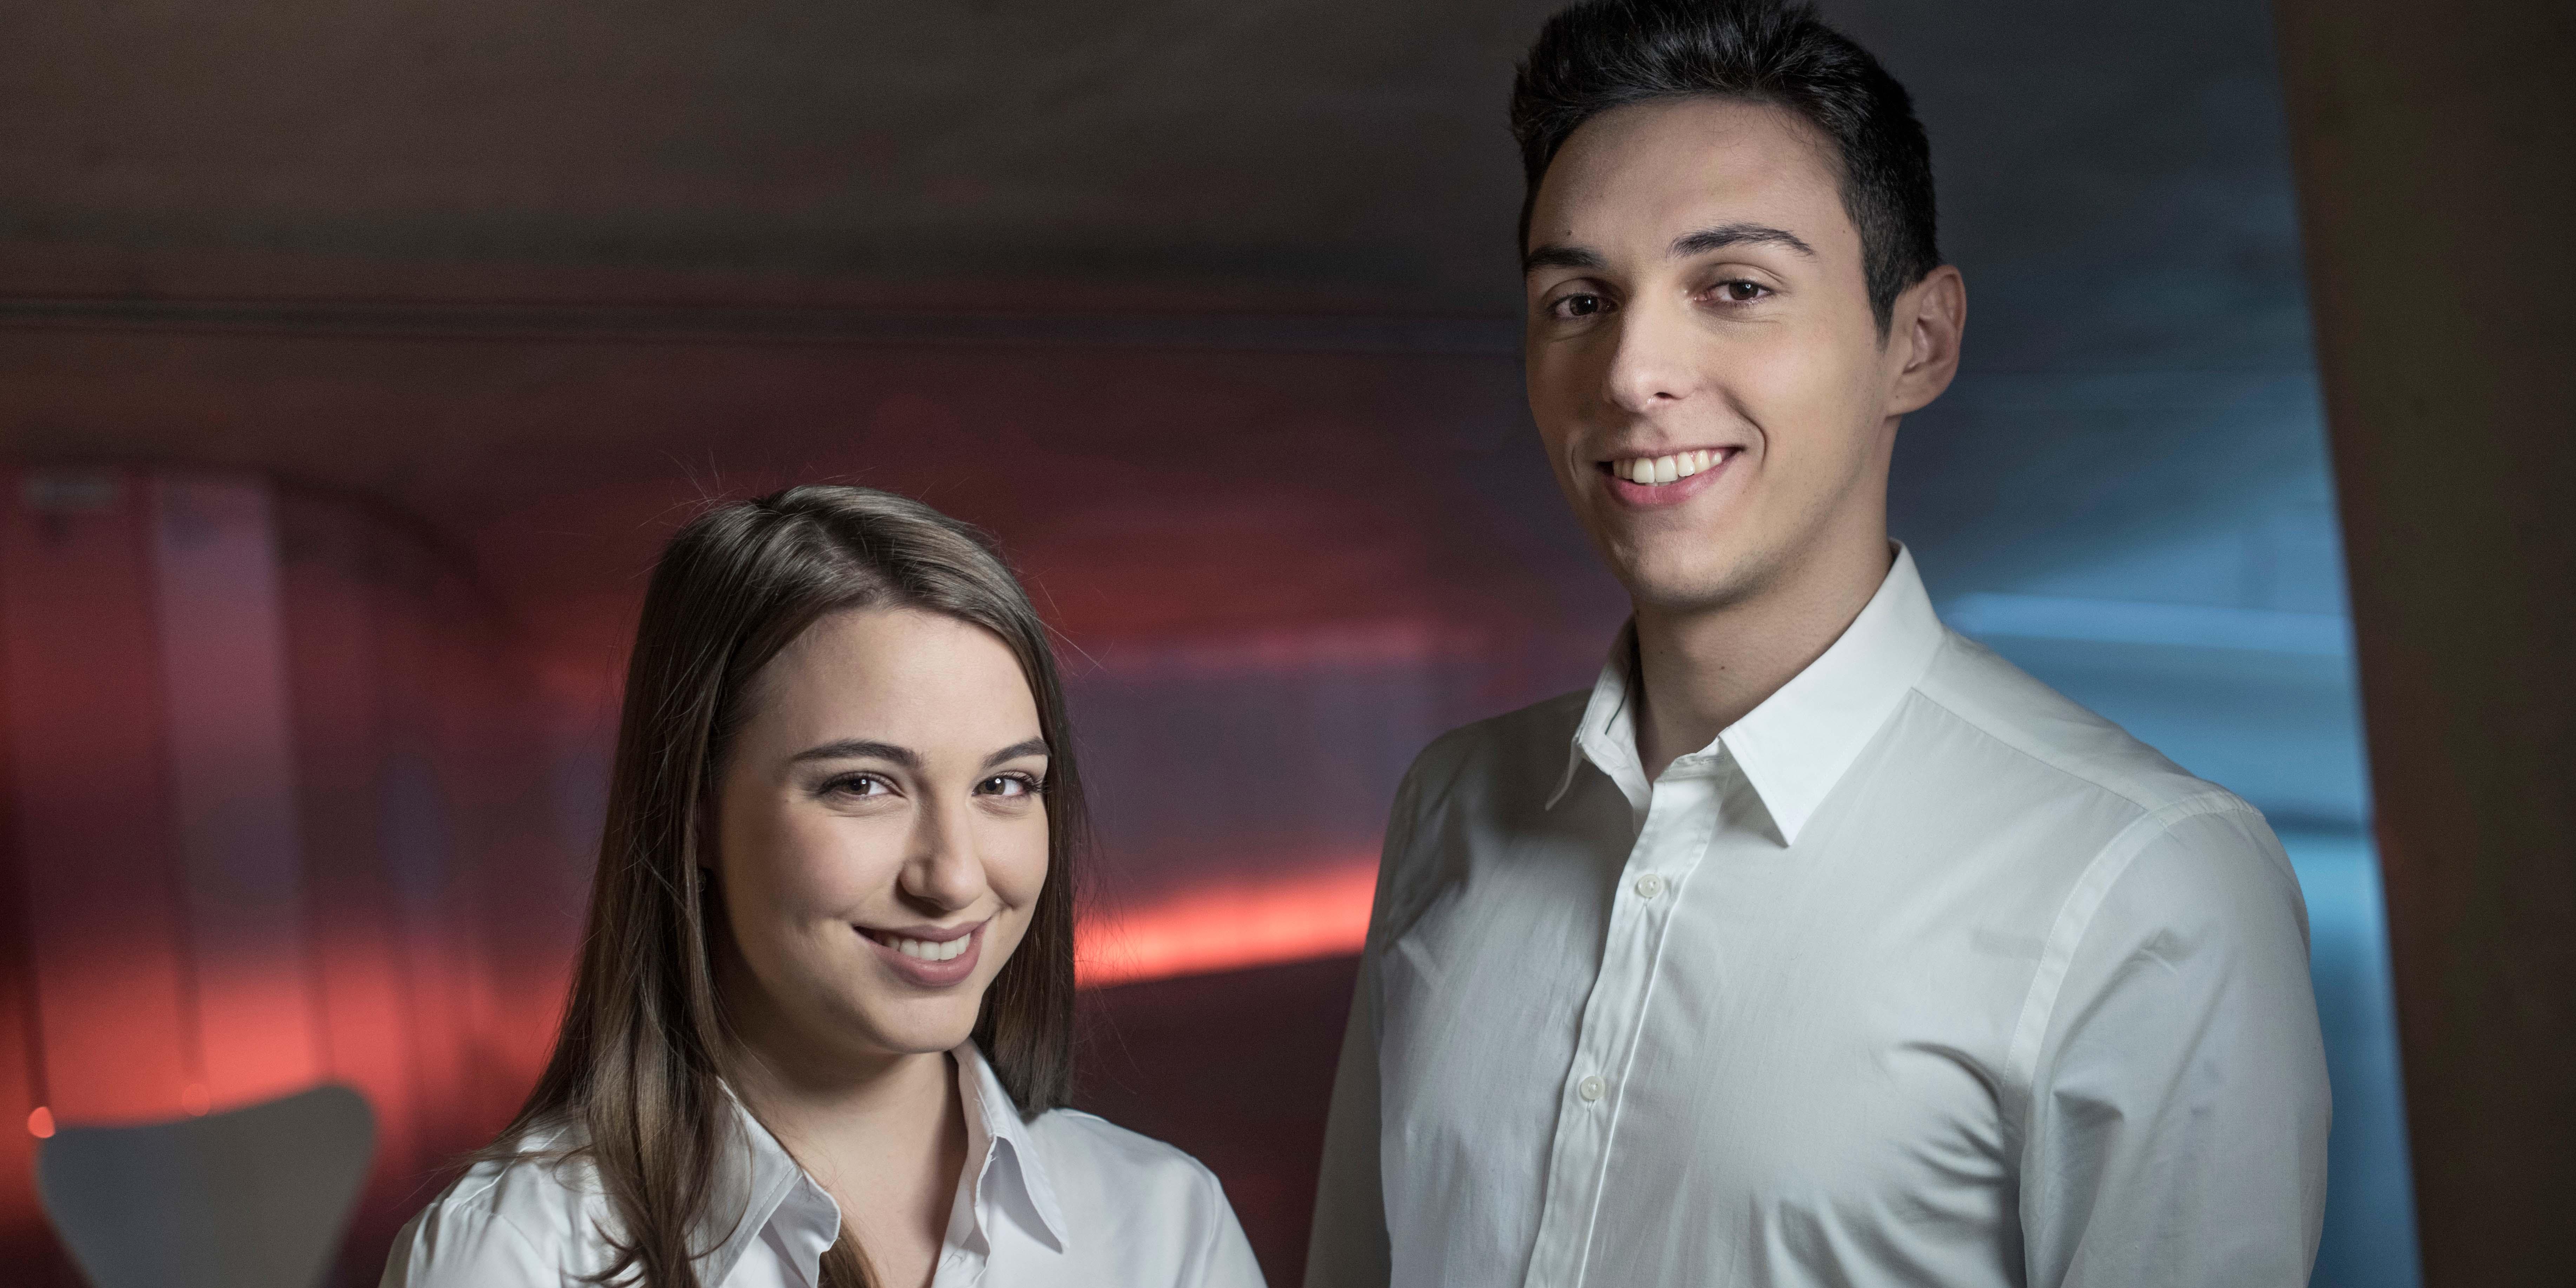 Weiz studenten dating Sex treffen in Pegau